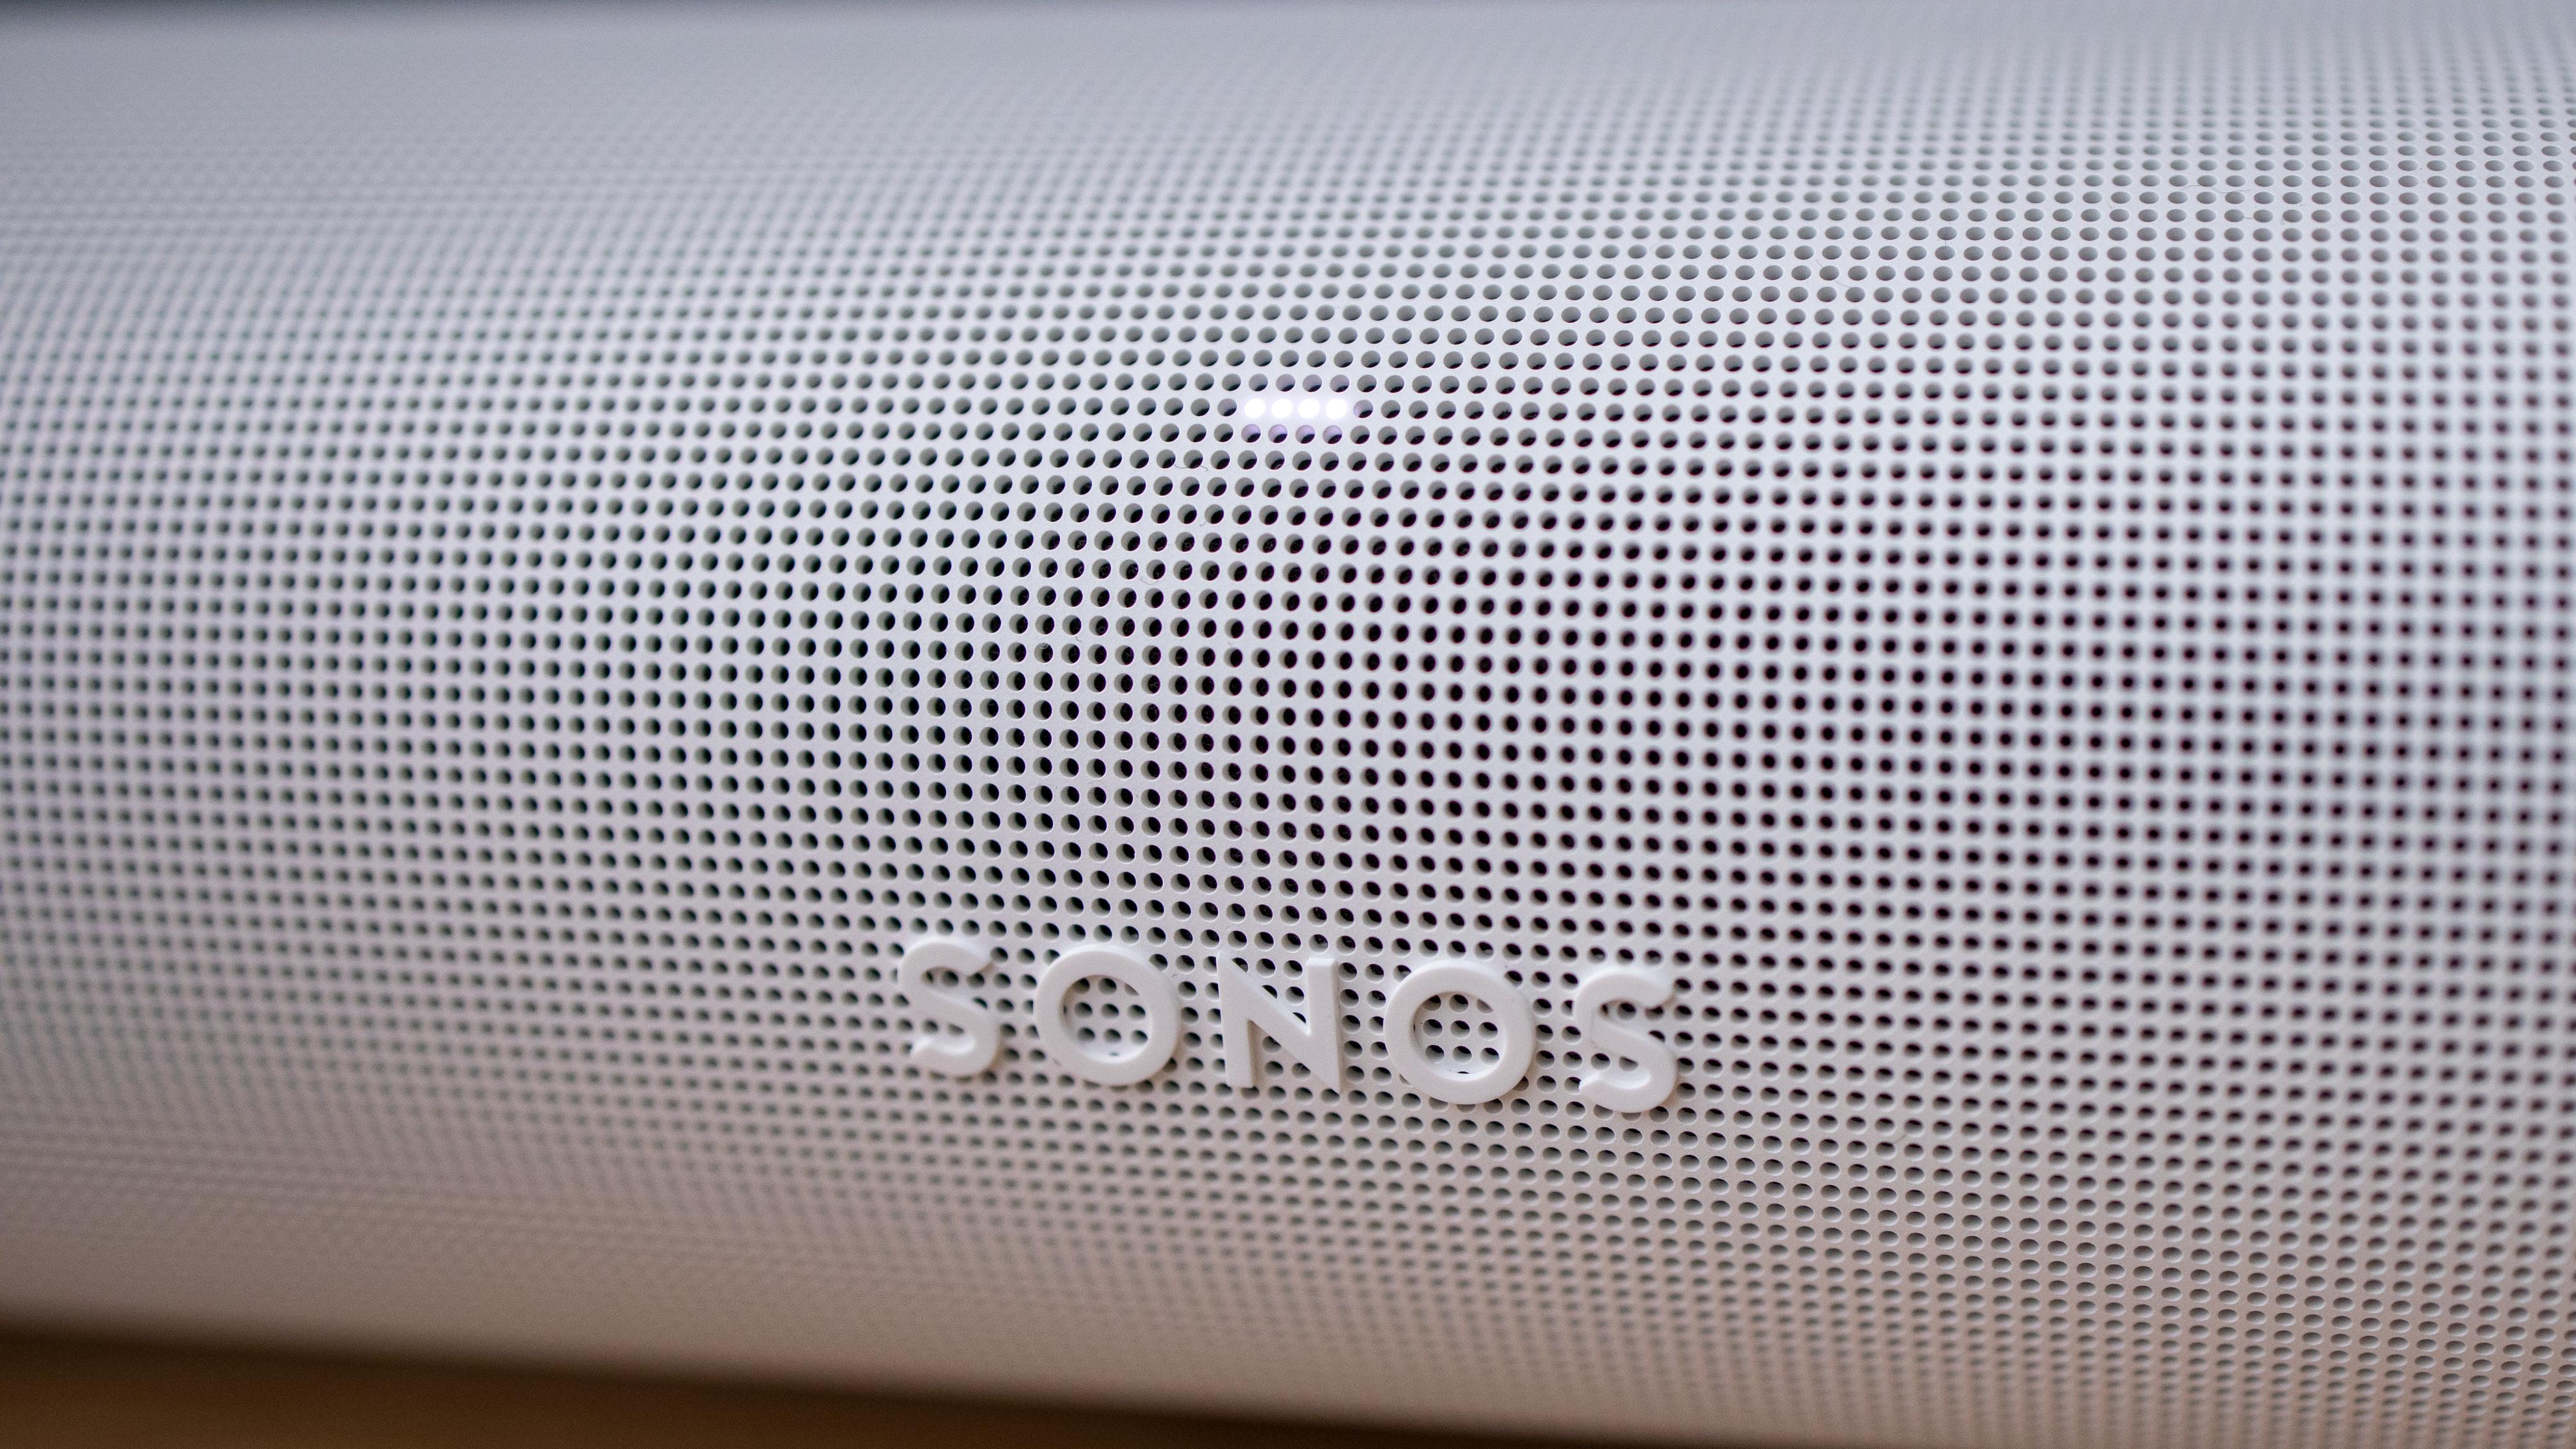 Avslørt: Sonos med vanntett WiFi-høyttaler